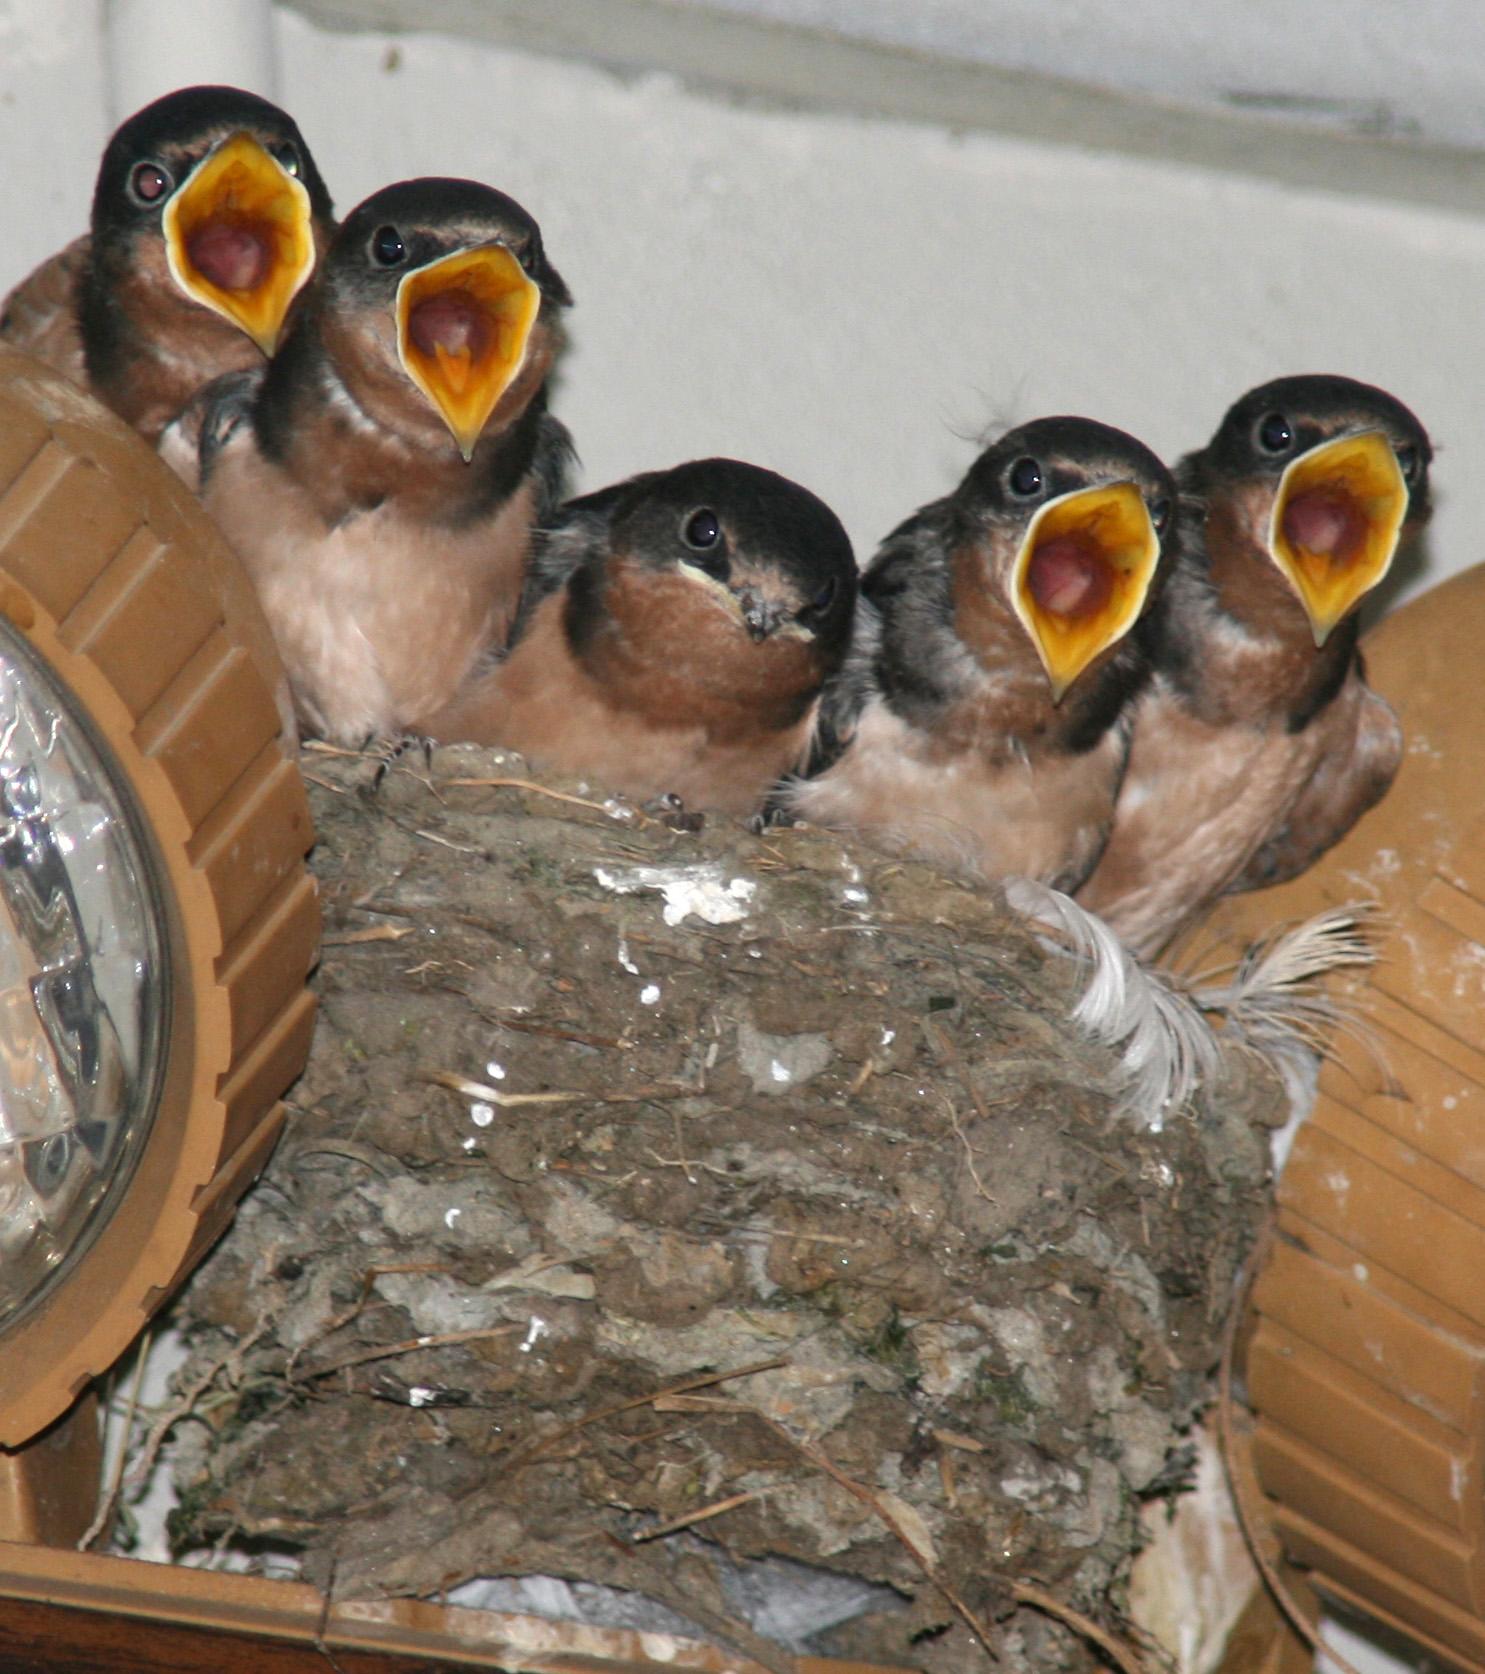 Bird nests | Birds of New England.com